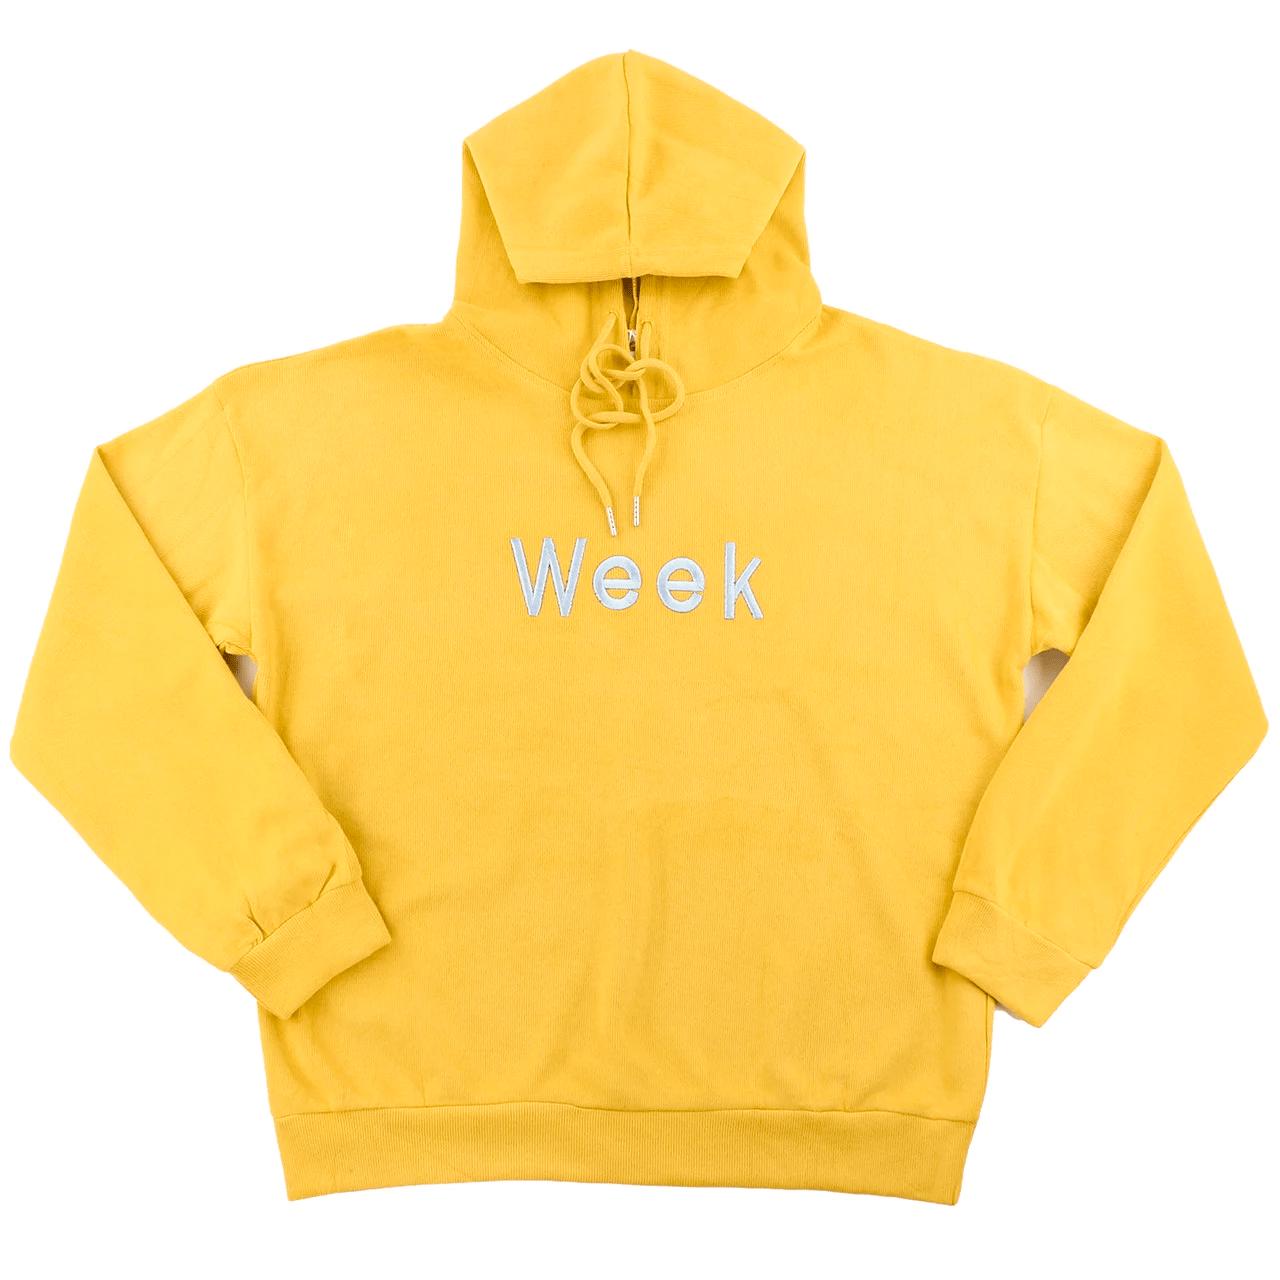 Жіночі худі з капюшоном жовті однотонні осінні жіночі худі з вишивкою Week